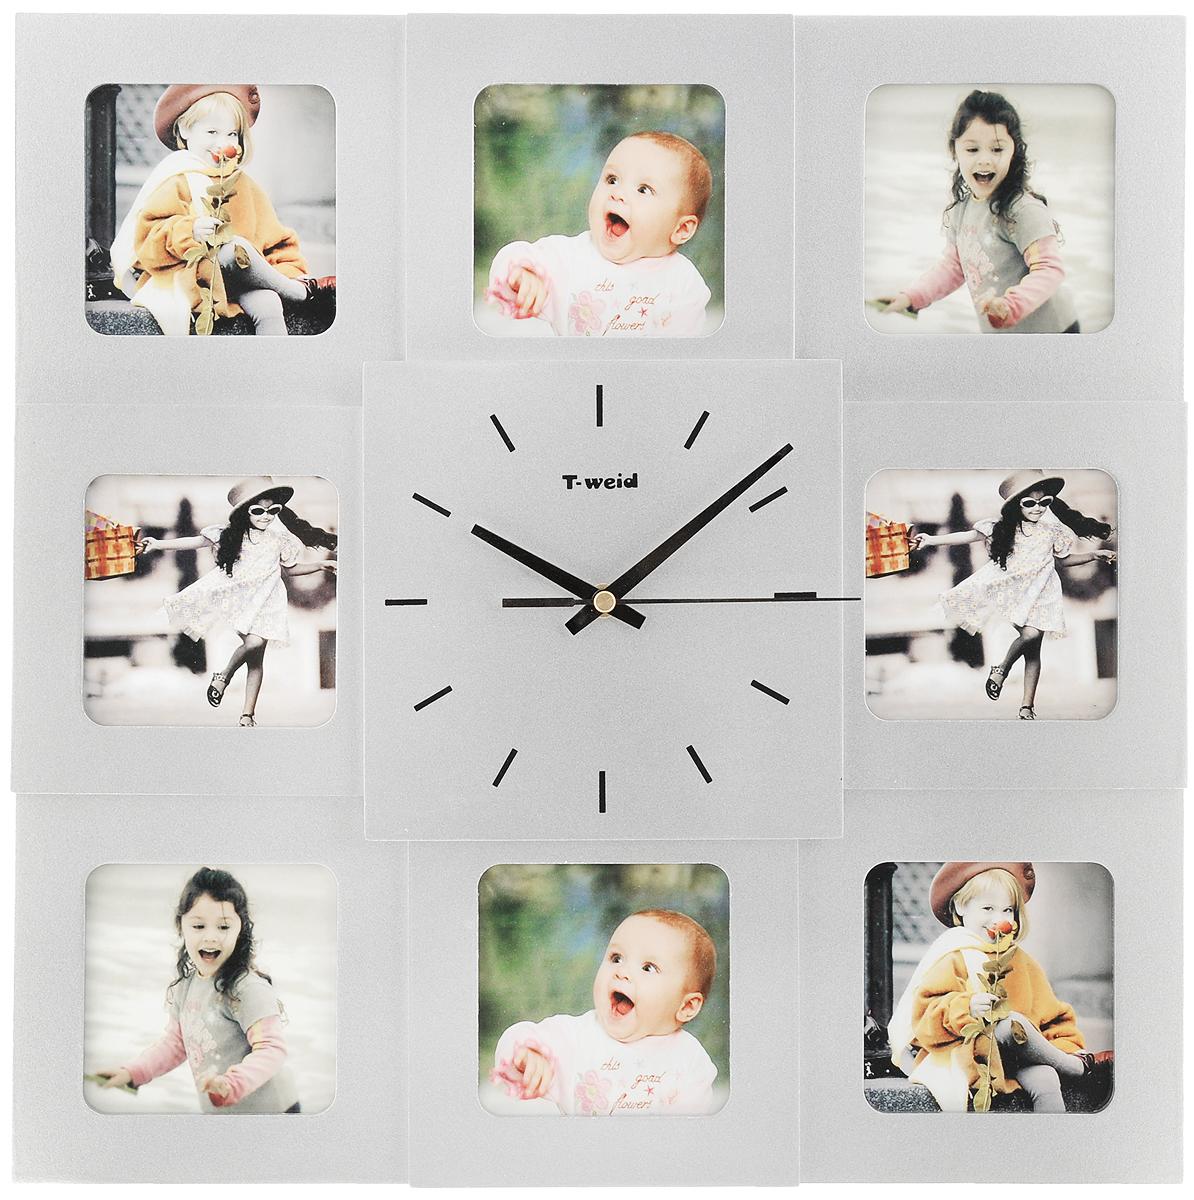 Часы настенные HomeMaster, с 8 фоторамками, цвет: серебристый41491Настенные часы HomeMaster кварцевые с фоторамками - это прекрасный предмет декора, а также универсальный подарок практически по любому поводу. Корпус часов, выполнен из дерева с серебристым матовым покрытием и оформлен восемью фоторамками.Циферблат часов оснащен тремя стрелками: часовой, минутной и секундной. Метки нанесены черной краской на серебристом фоне. На задней стенке часов расположена металлическая петелька для подвешивания и блок с часовым механизмом. Часы с фоторамками прекрасно впишутся в любой интерьер. В зависимости оттого, что вы поместите в рамки, будет меняться и стиль часов. Тип механизма: плавающий, бесшумный. Рекомендуется докупить батарейку типа АА (не входит в комплект). Размер изделия: 40 х 40 х 5 см.Размер фоторамок: 8,5 х 8,5 см.